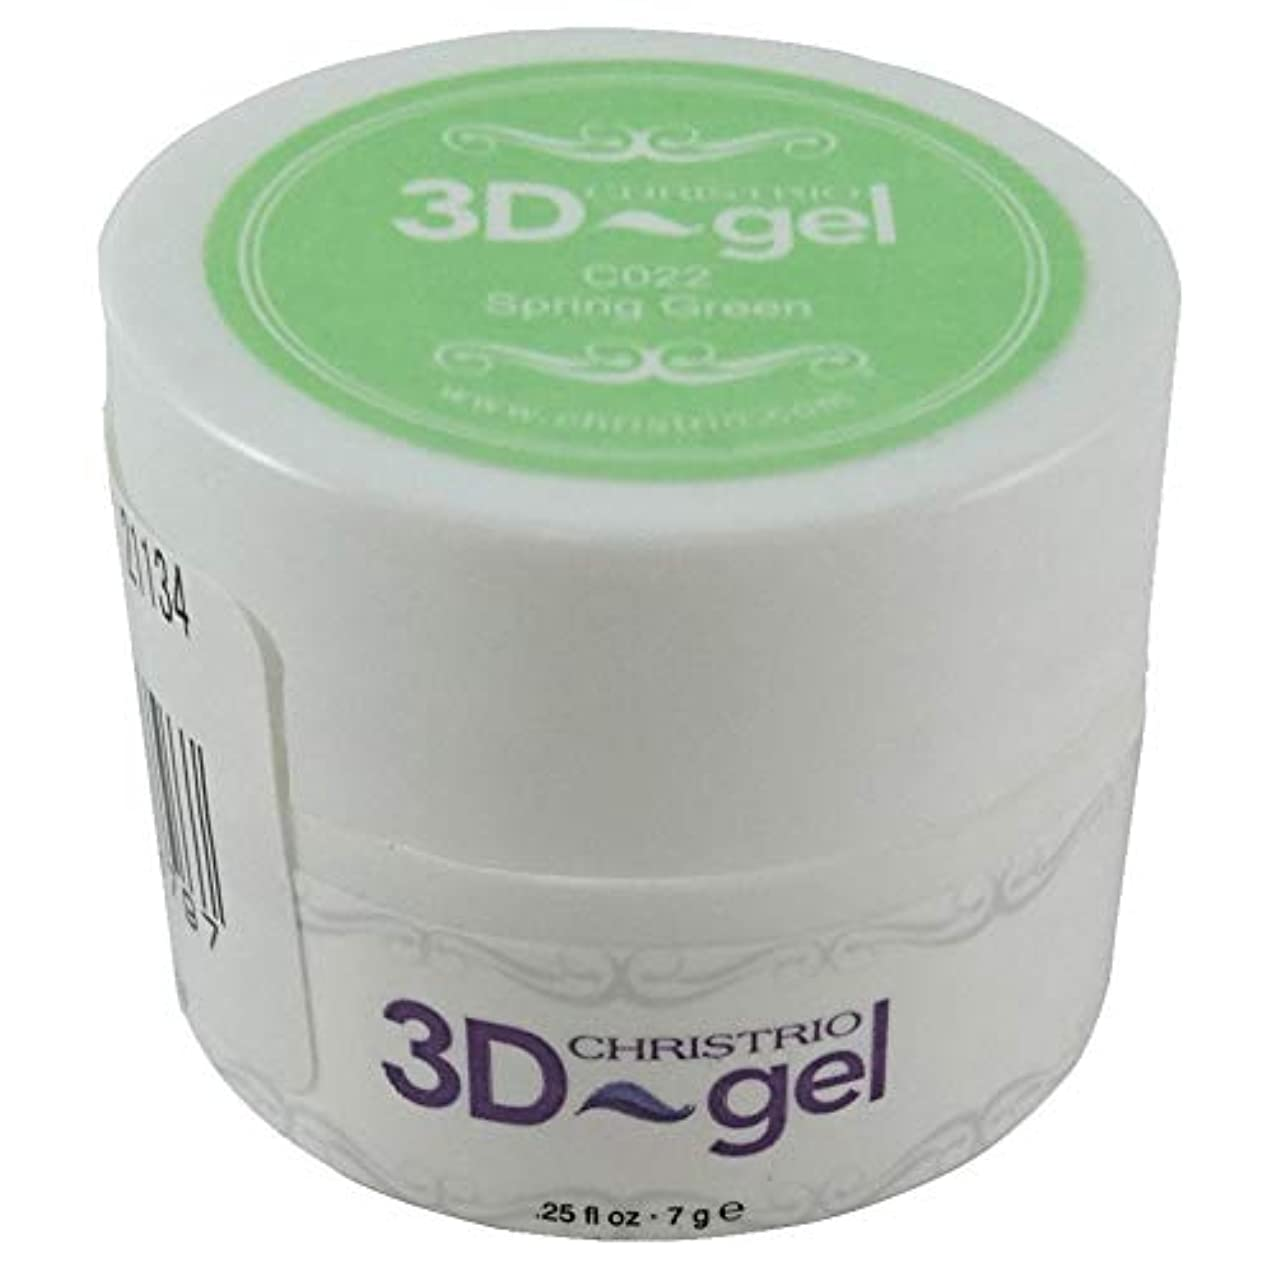 暴露するトラップケイ素CHRISTRIO 3Dジェル 7g C022 スプリンググリーン